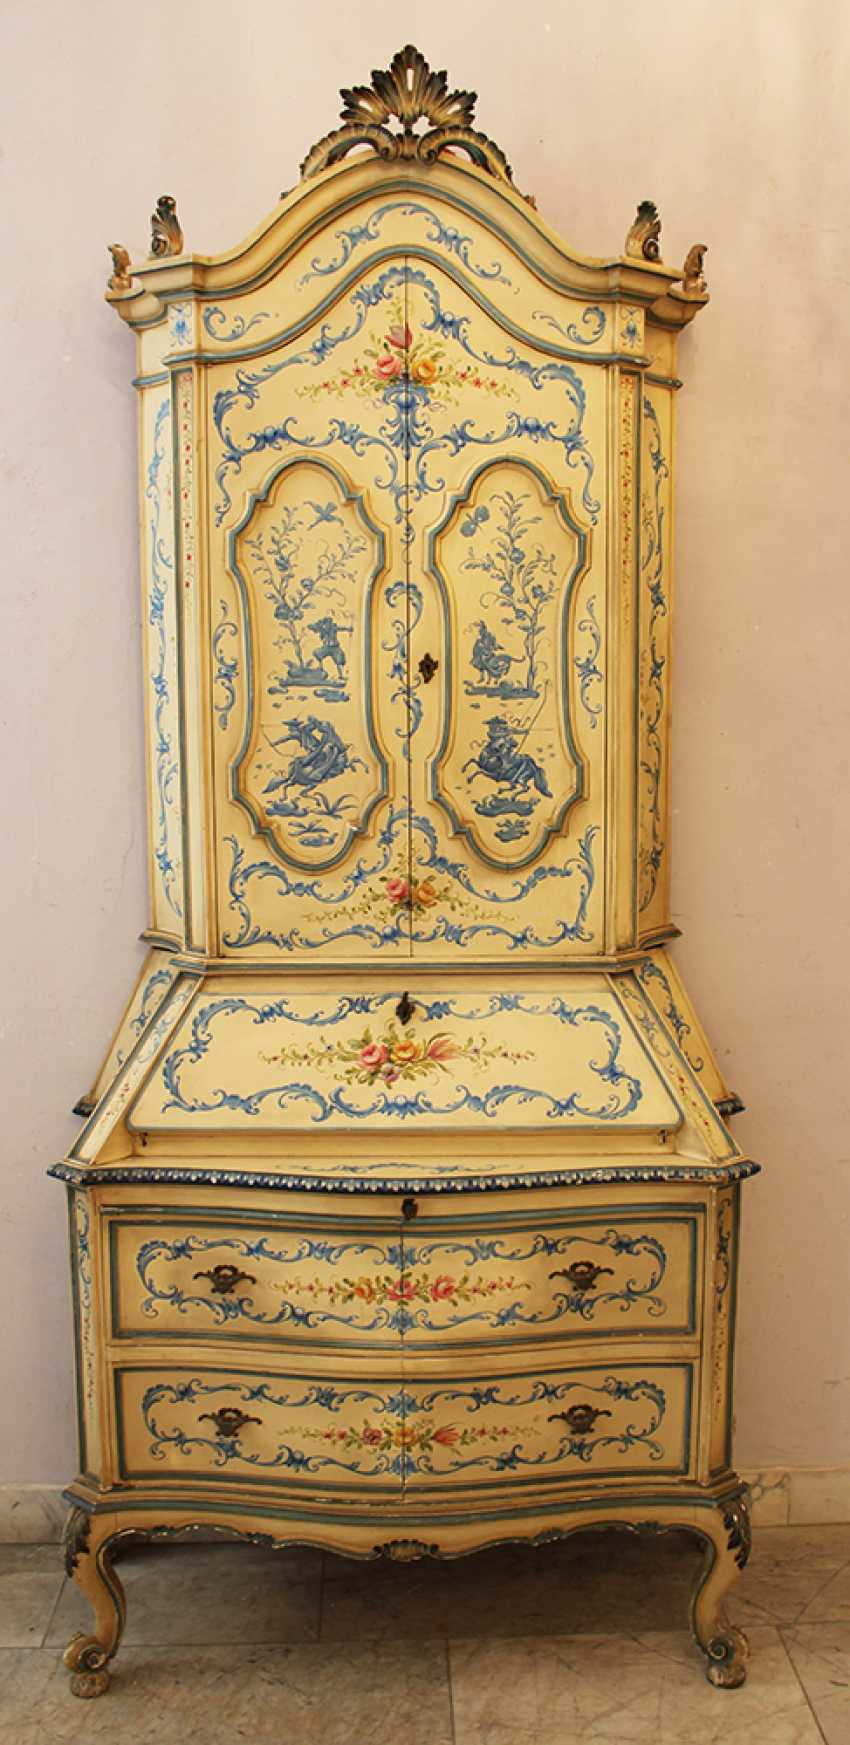 Venetian Bureau in baroque style - photo 1